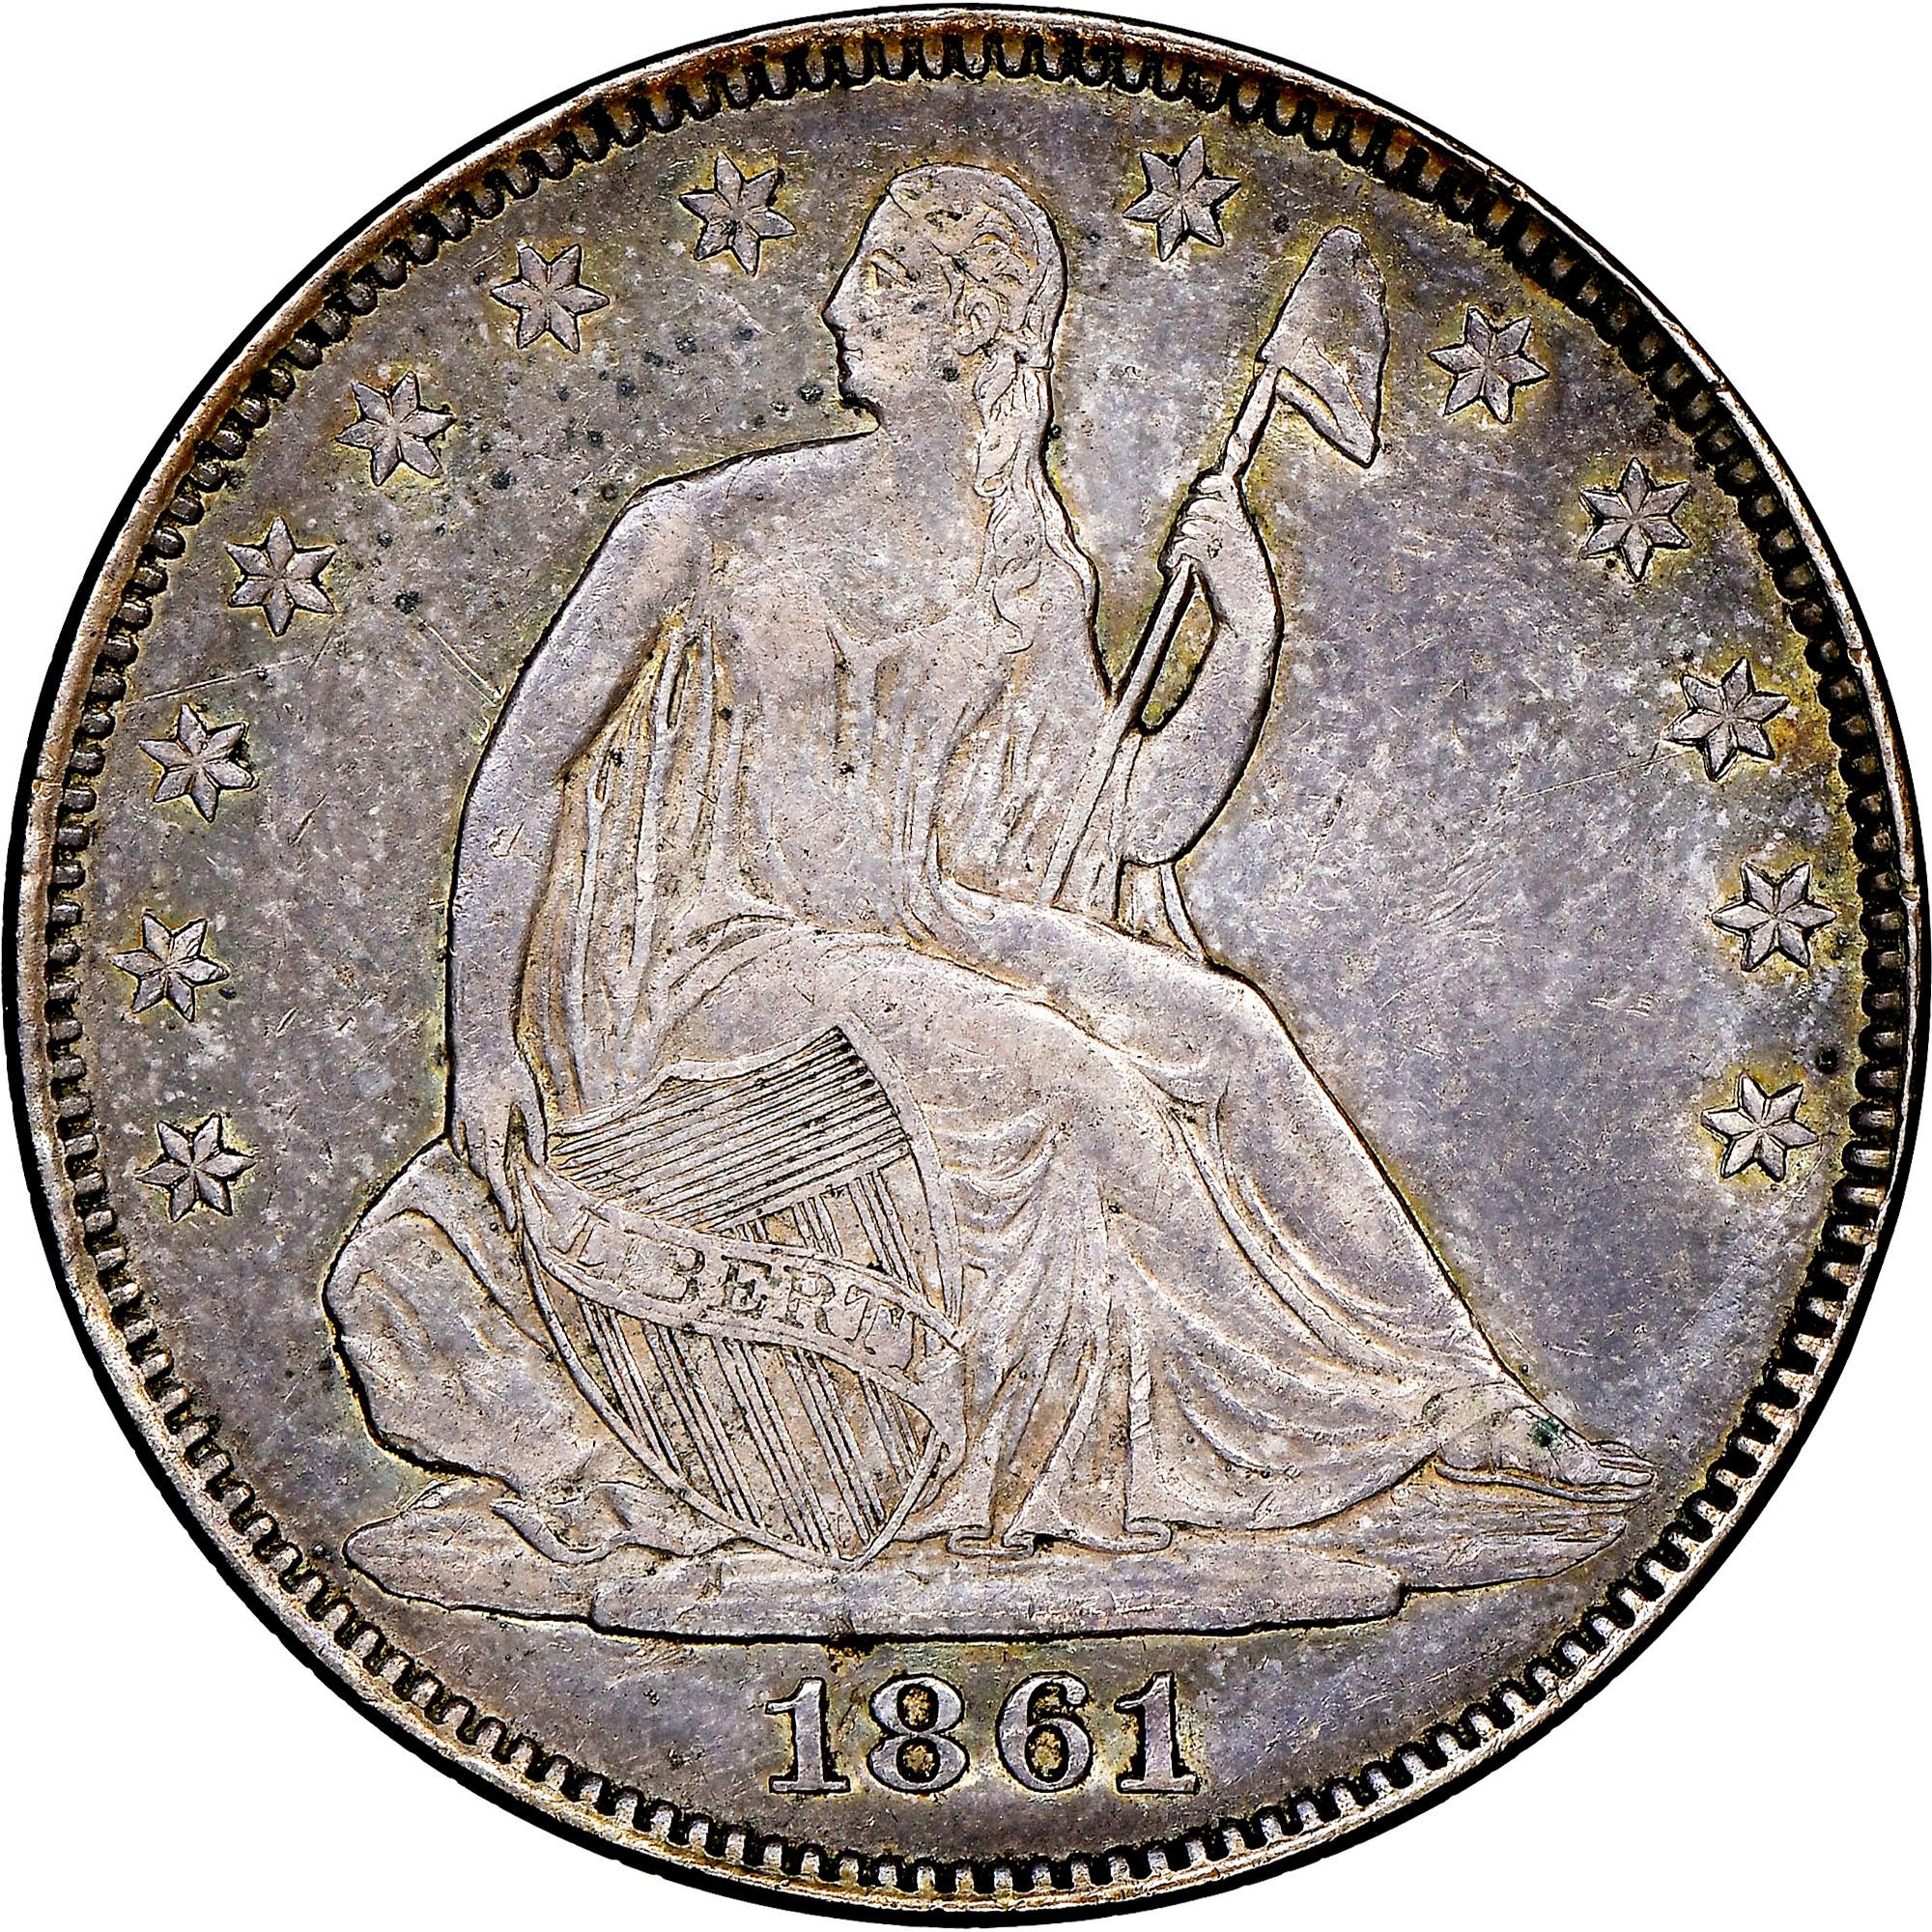 1861 Confederate States of America $5 Gold Coin RESTRIKE CSA Civil War